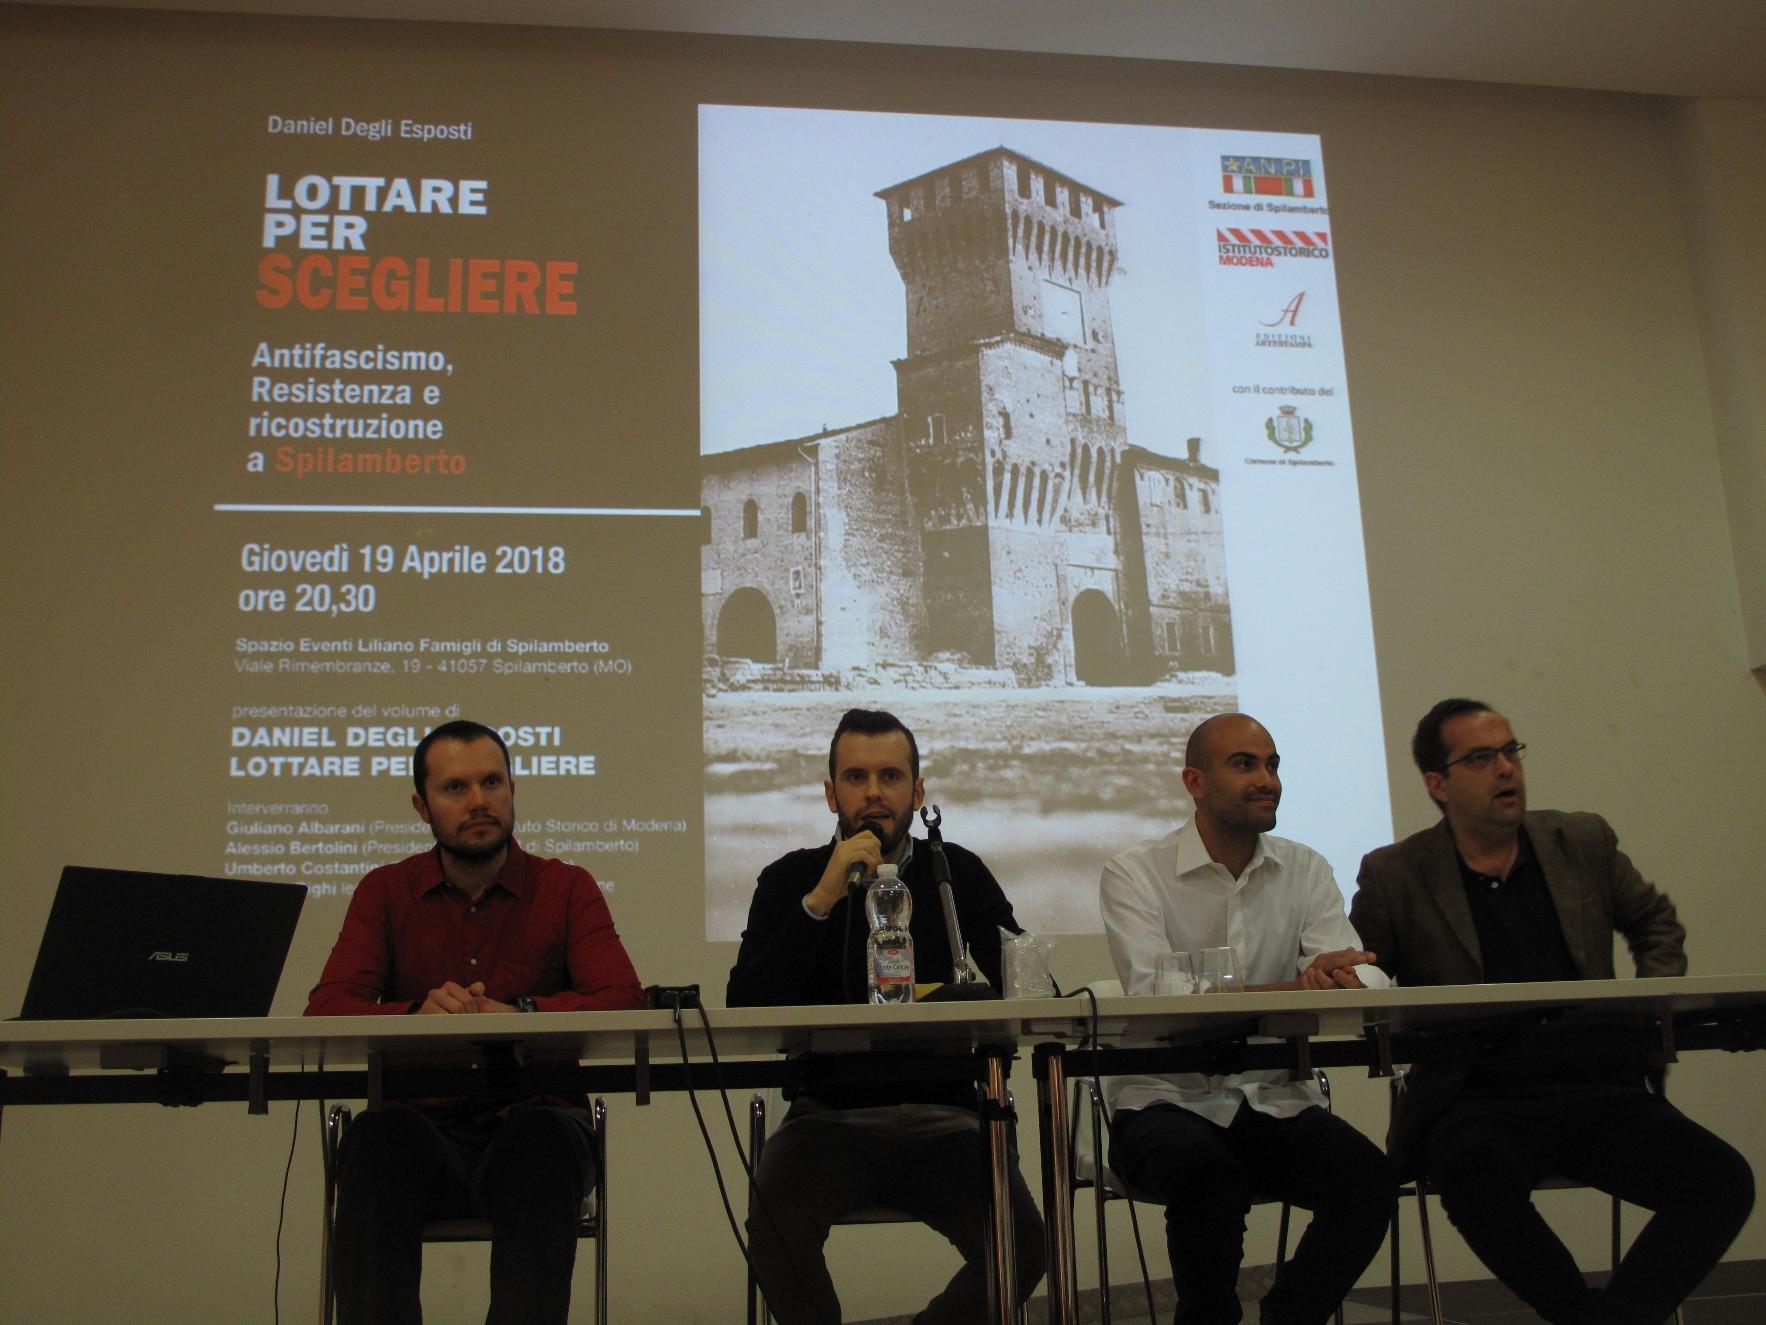 Storie di Resistenza a Spilamberto: Il tavolo dei relatori durante la presentazione del libro Lottare per scegliere